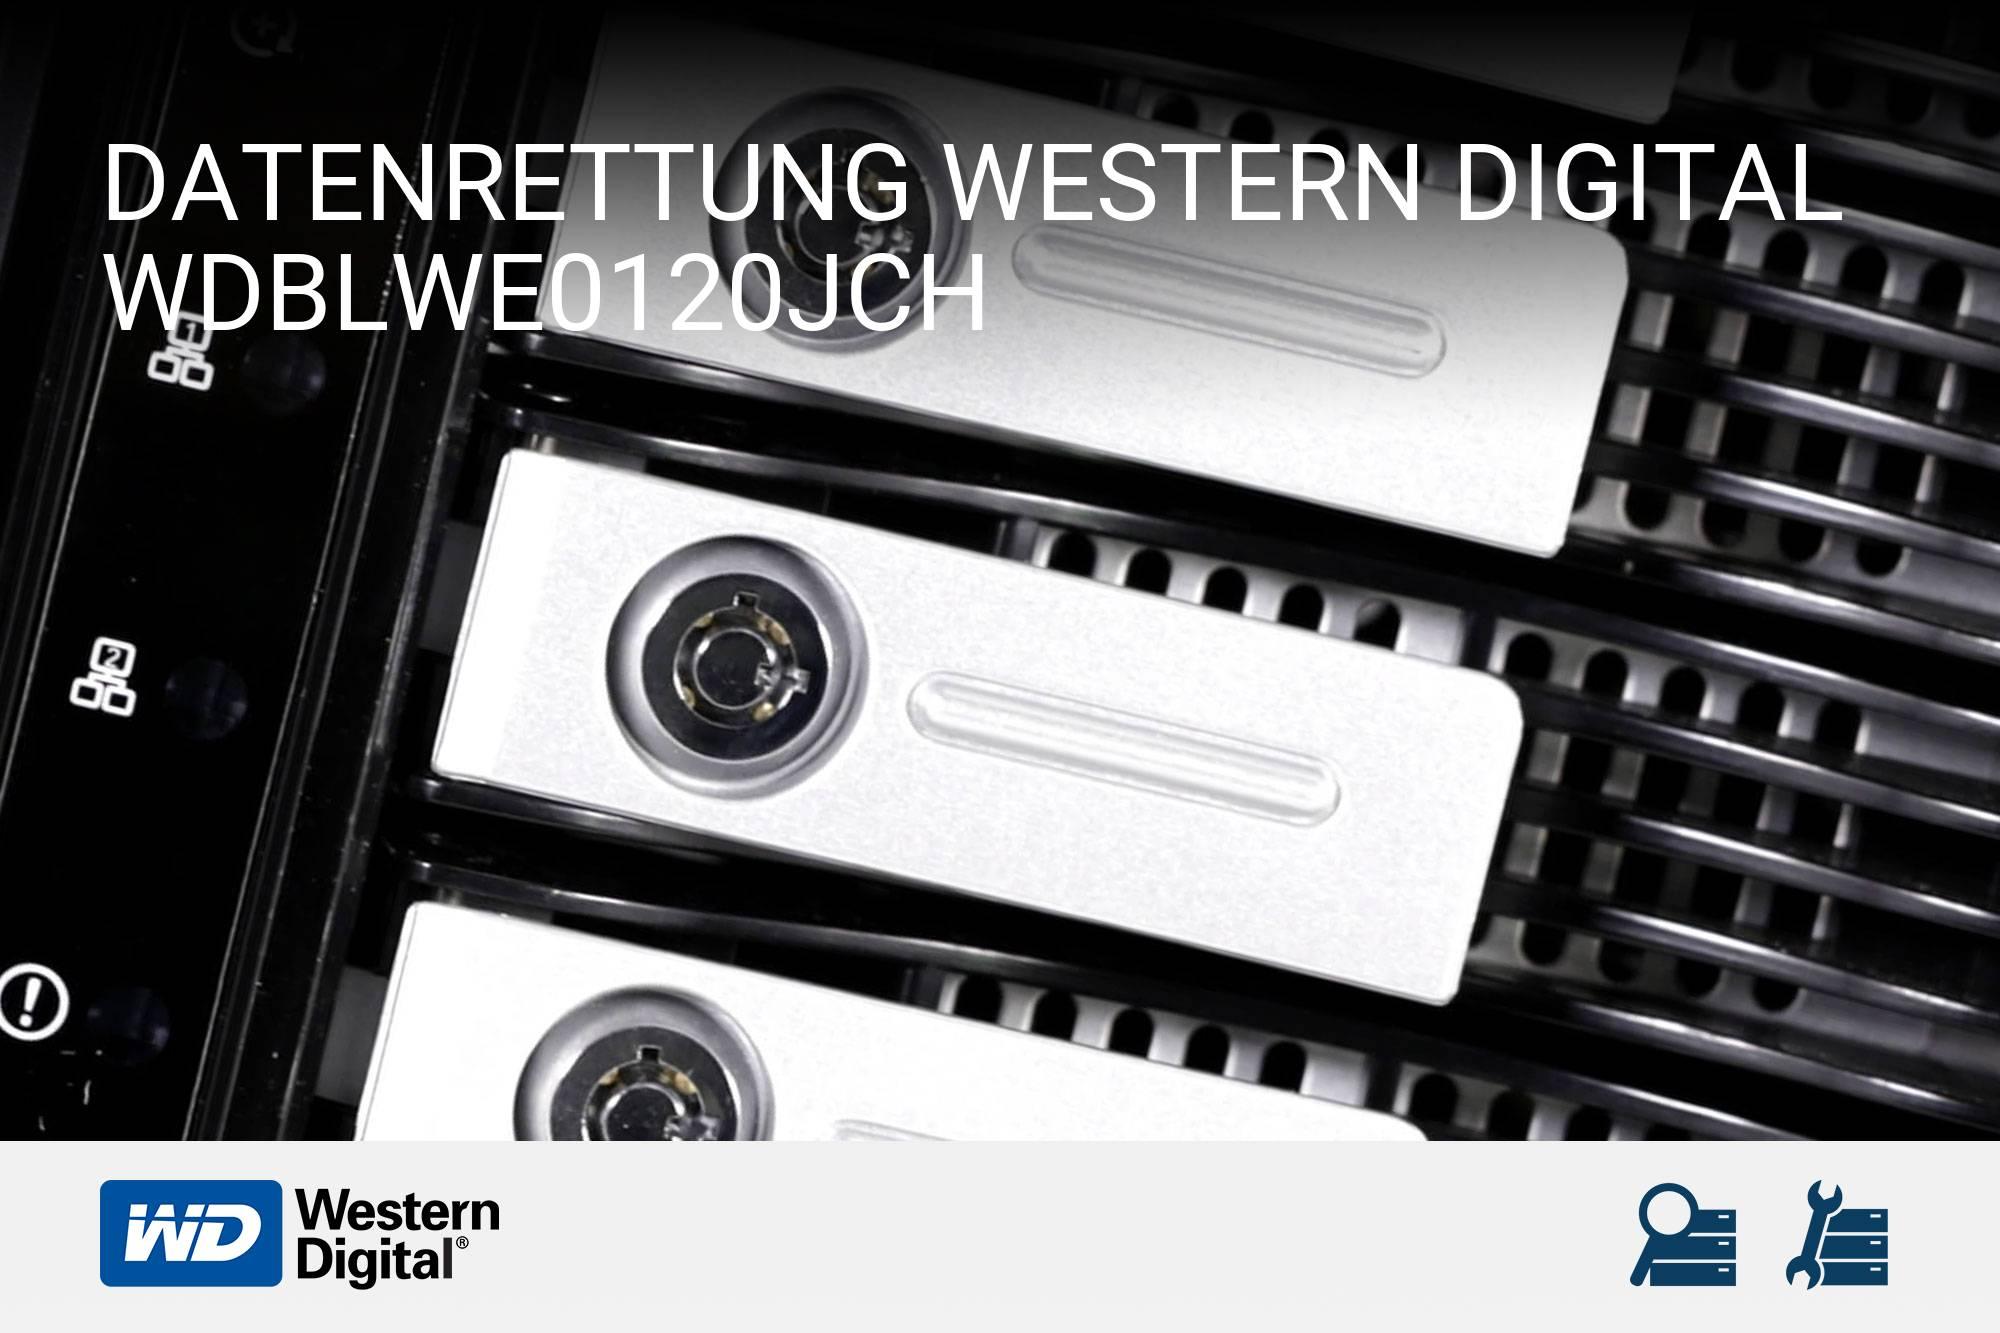 Western Digital WDBLWE0120JCH